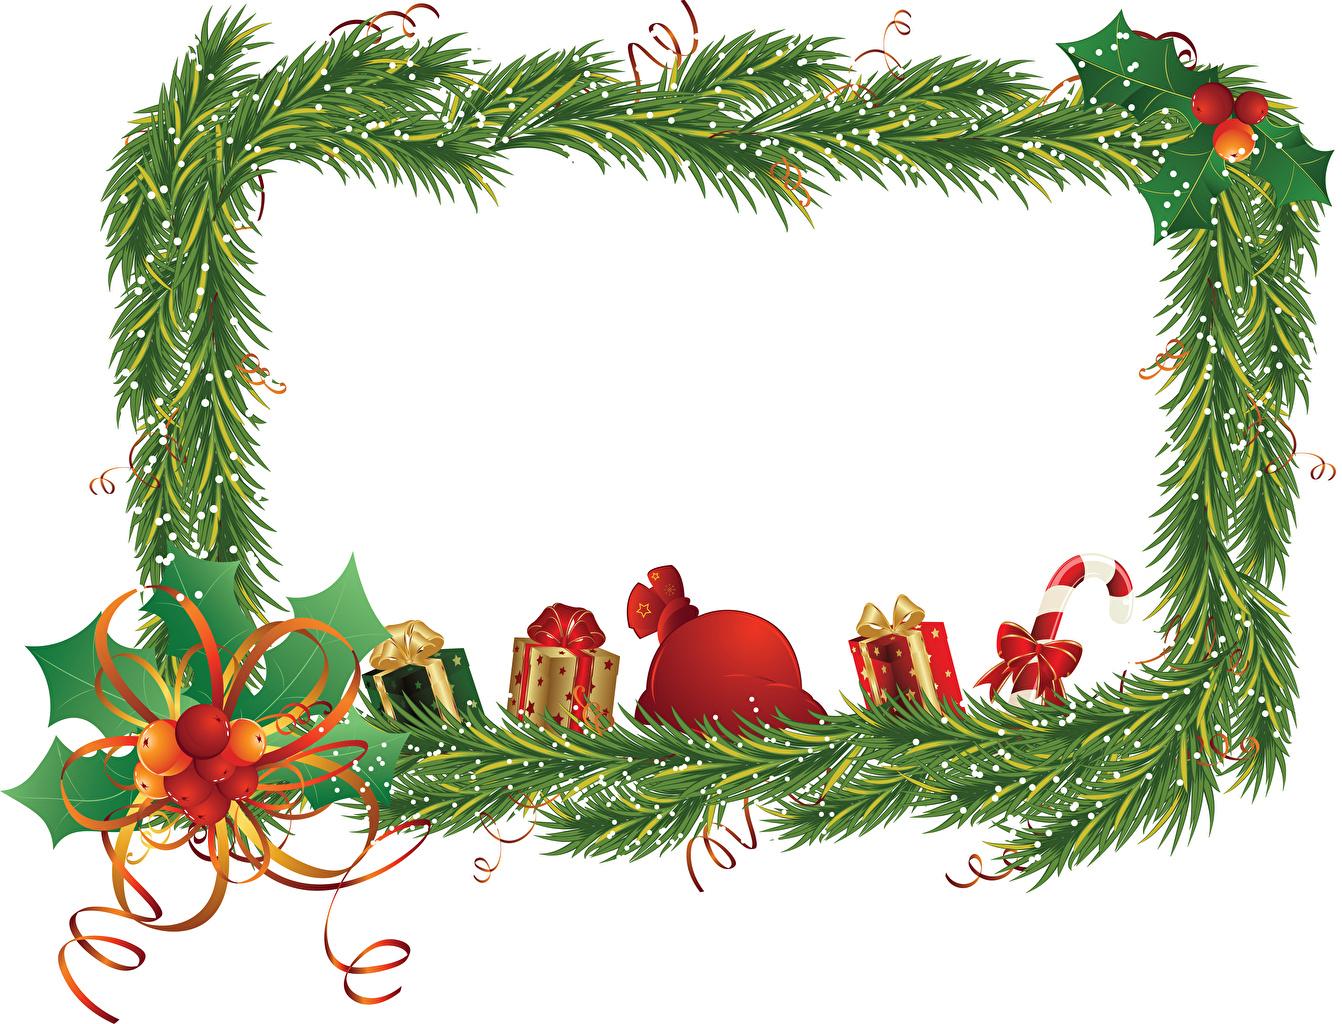 Фото Новый год Подарки бантики на ветке ленточка Шаблон поздравительной открытки Рождество подарок подарков бант ветвь ветка Ветки Лента Бантик